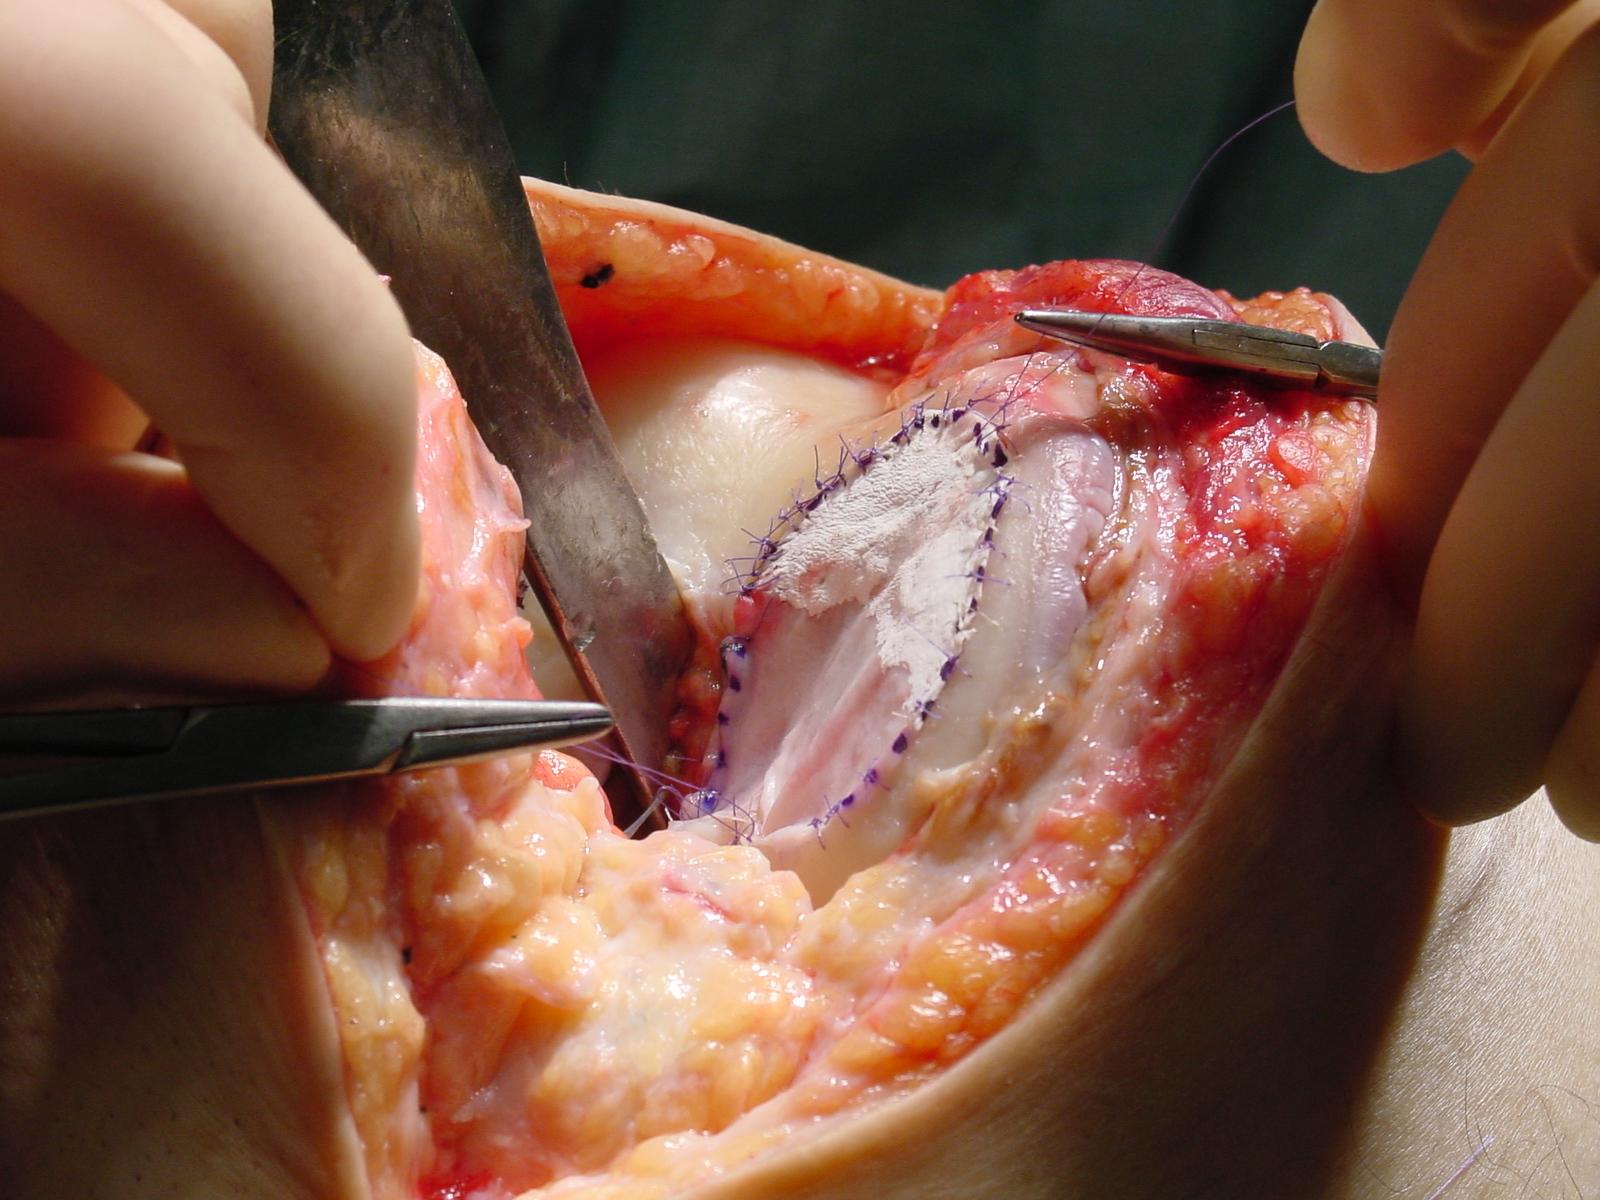 https://www.kneeandhip.co.uk/wp-content/uploads/2017/02/3.-CartilageTransplant.jpg